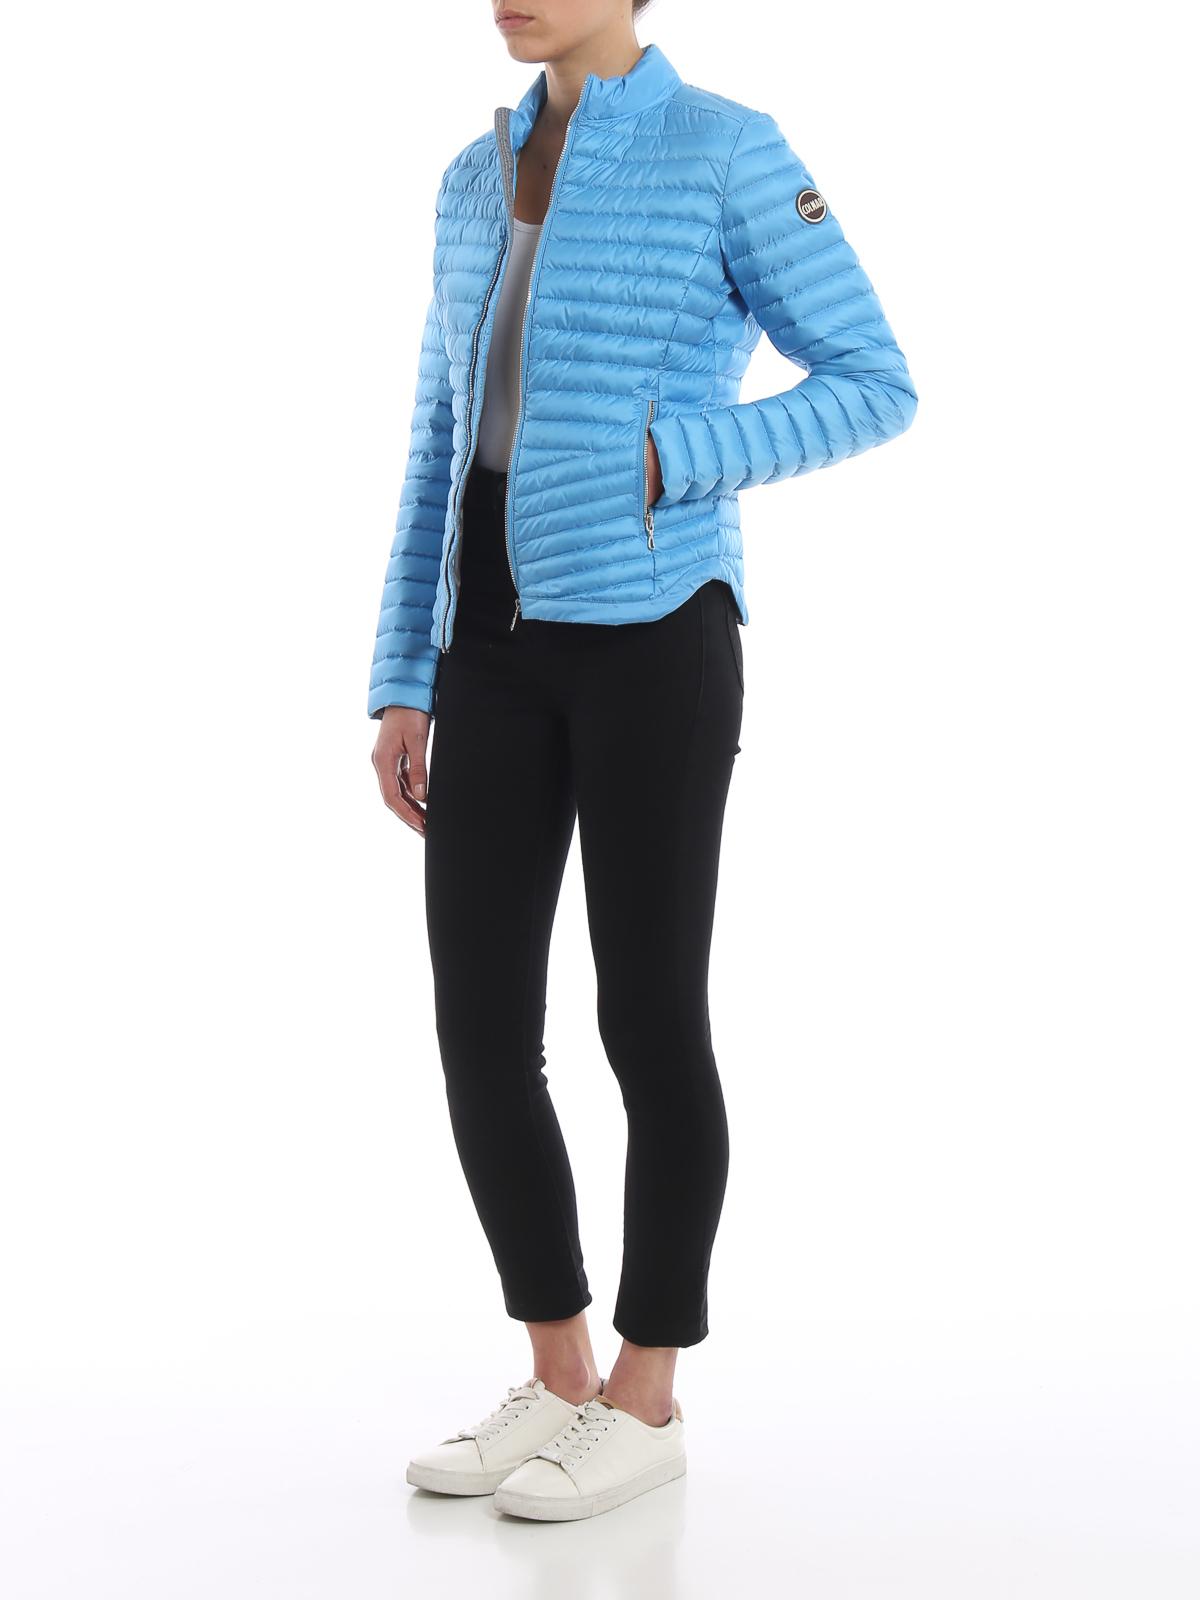 Colmar Originals Piumino primaverile azzurro giacche